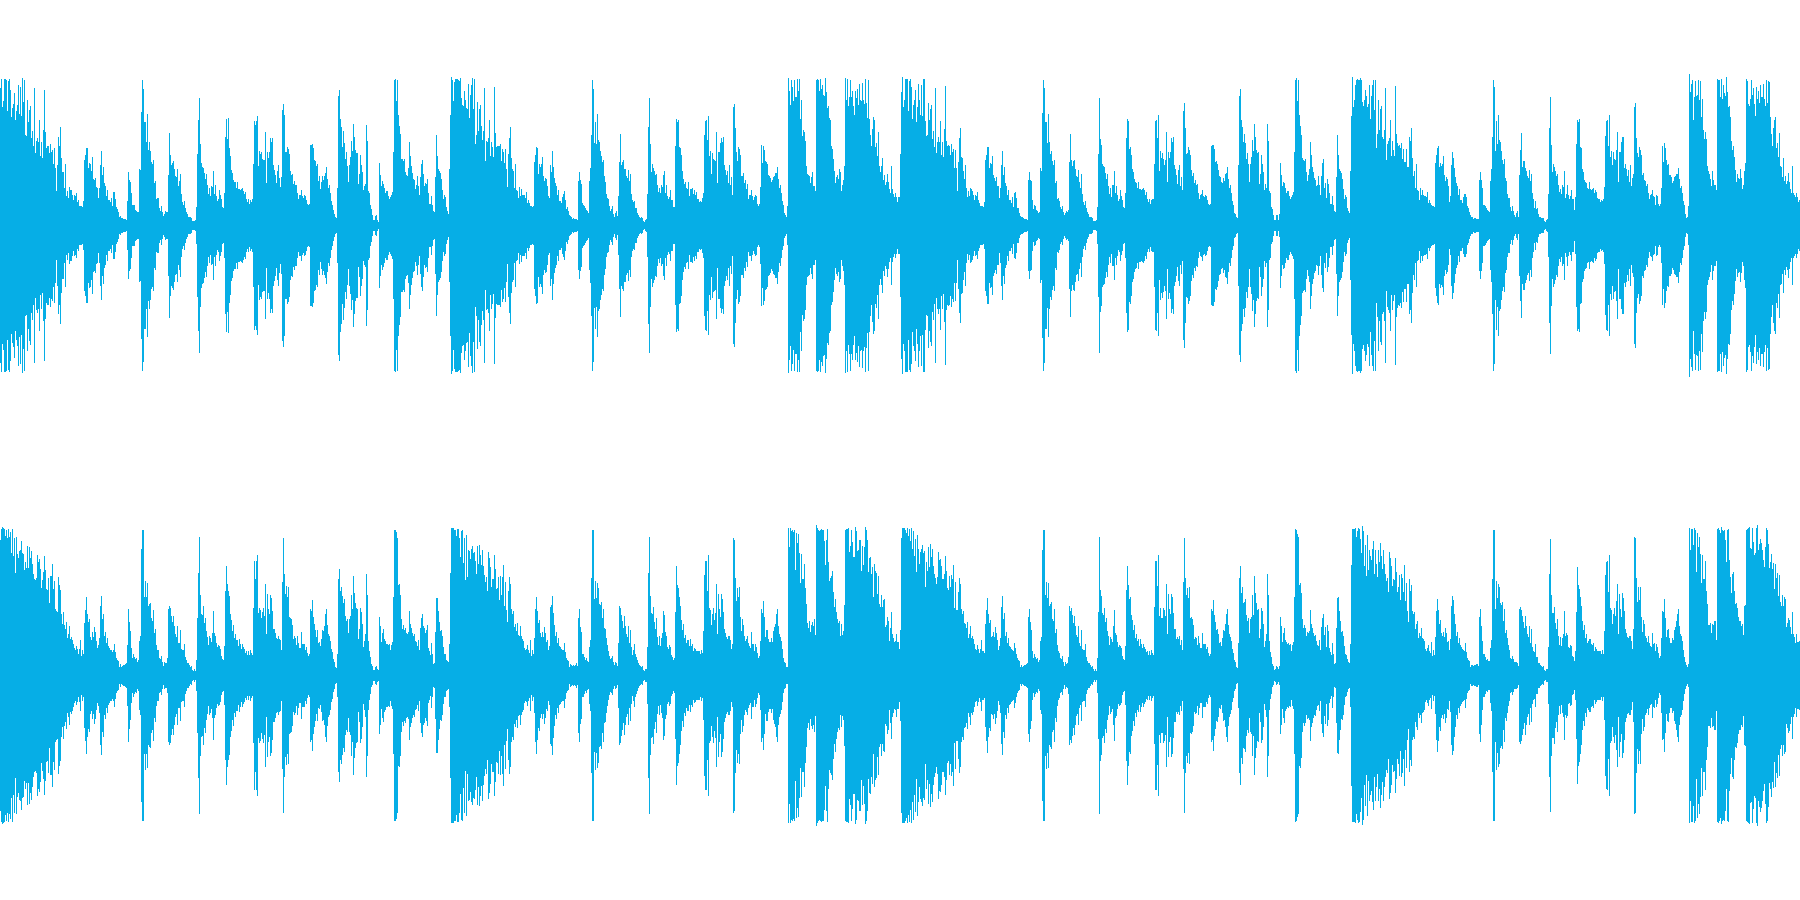 「ファンキーなバンドサウンドLoop」の再生済みの波形